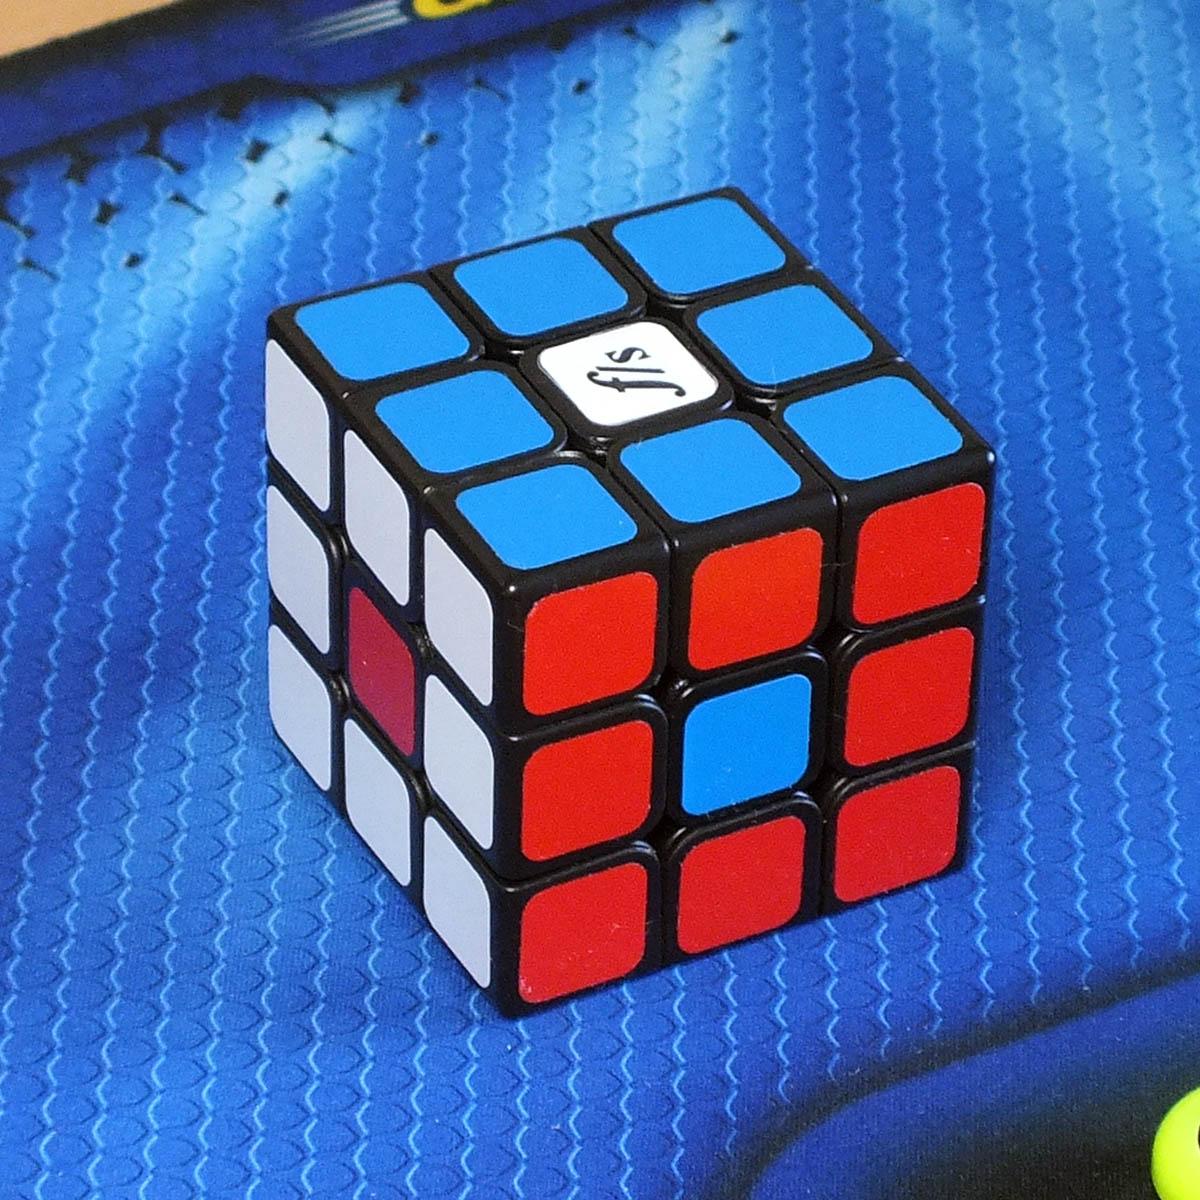 Fangshi Shuangren II 3x3 black